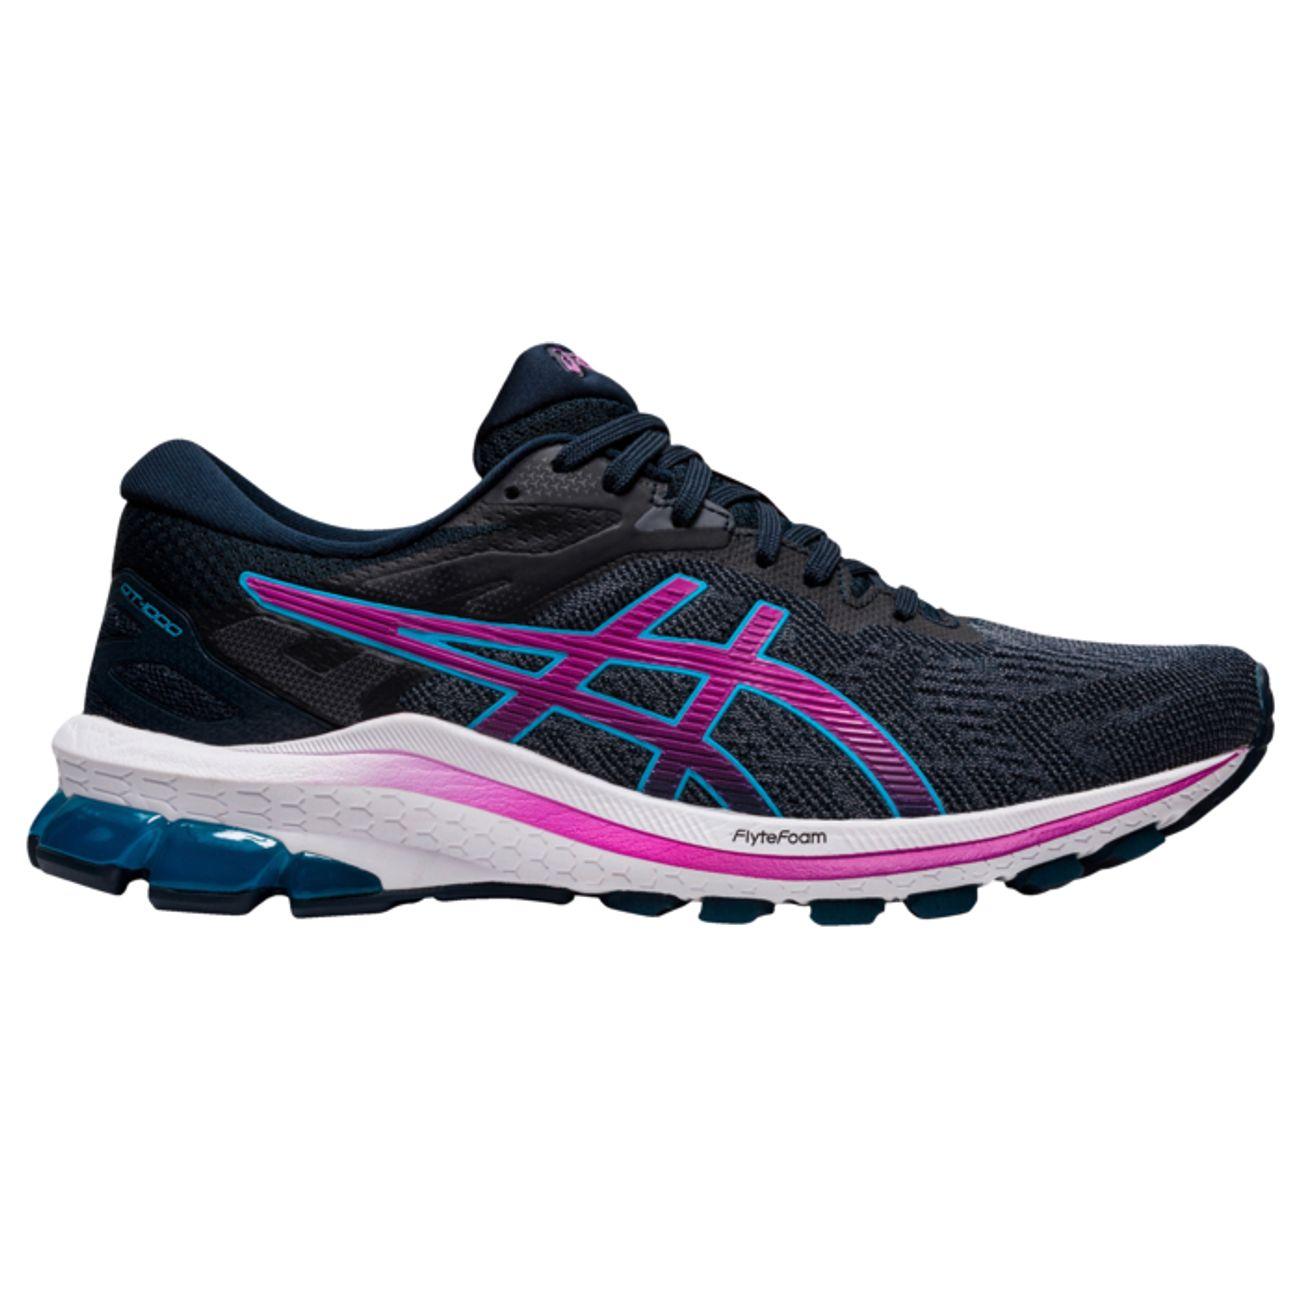 CHAUSSURES DE RUNNING running femme ASICS GT-1000 10 W